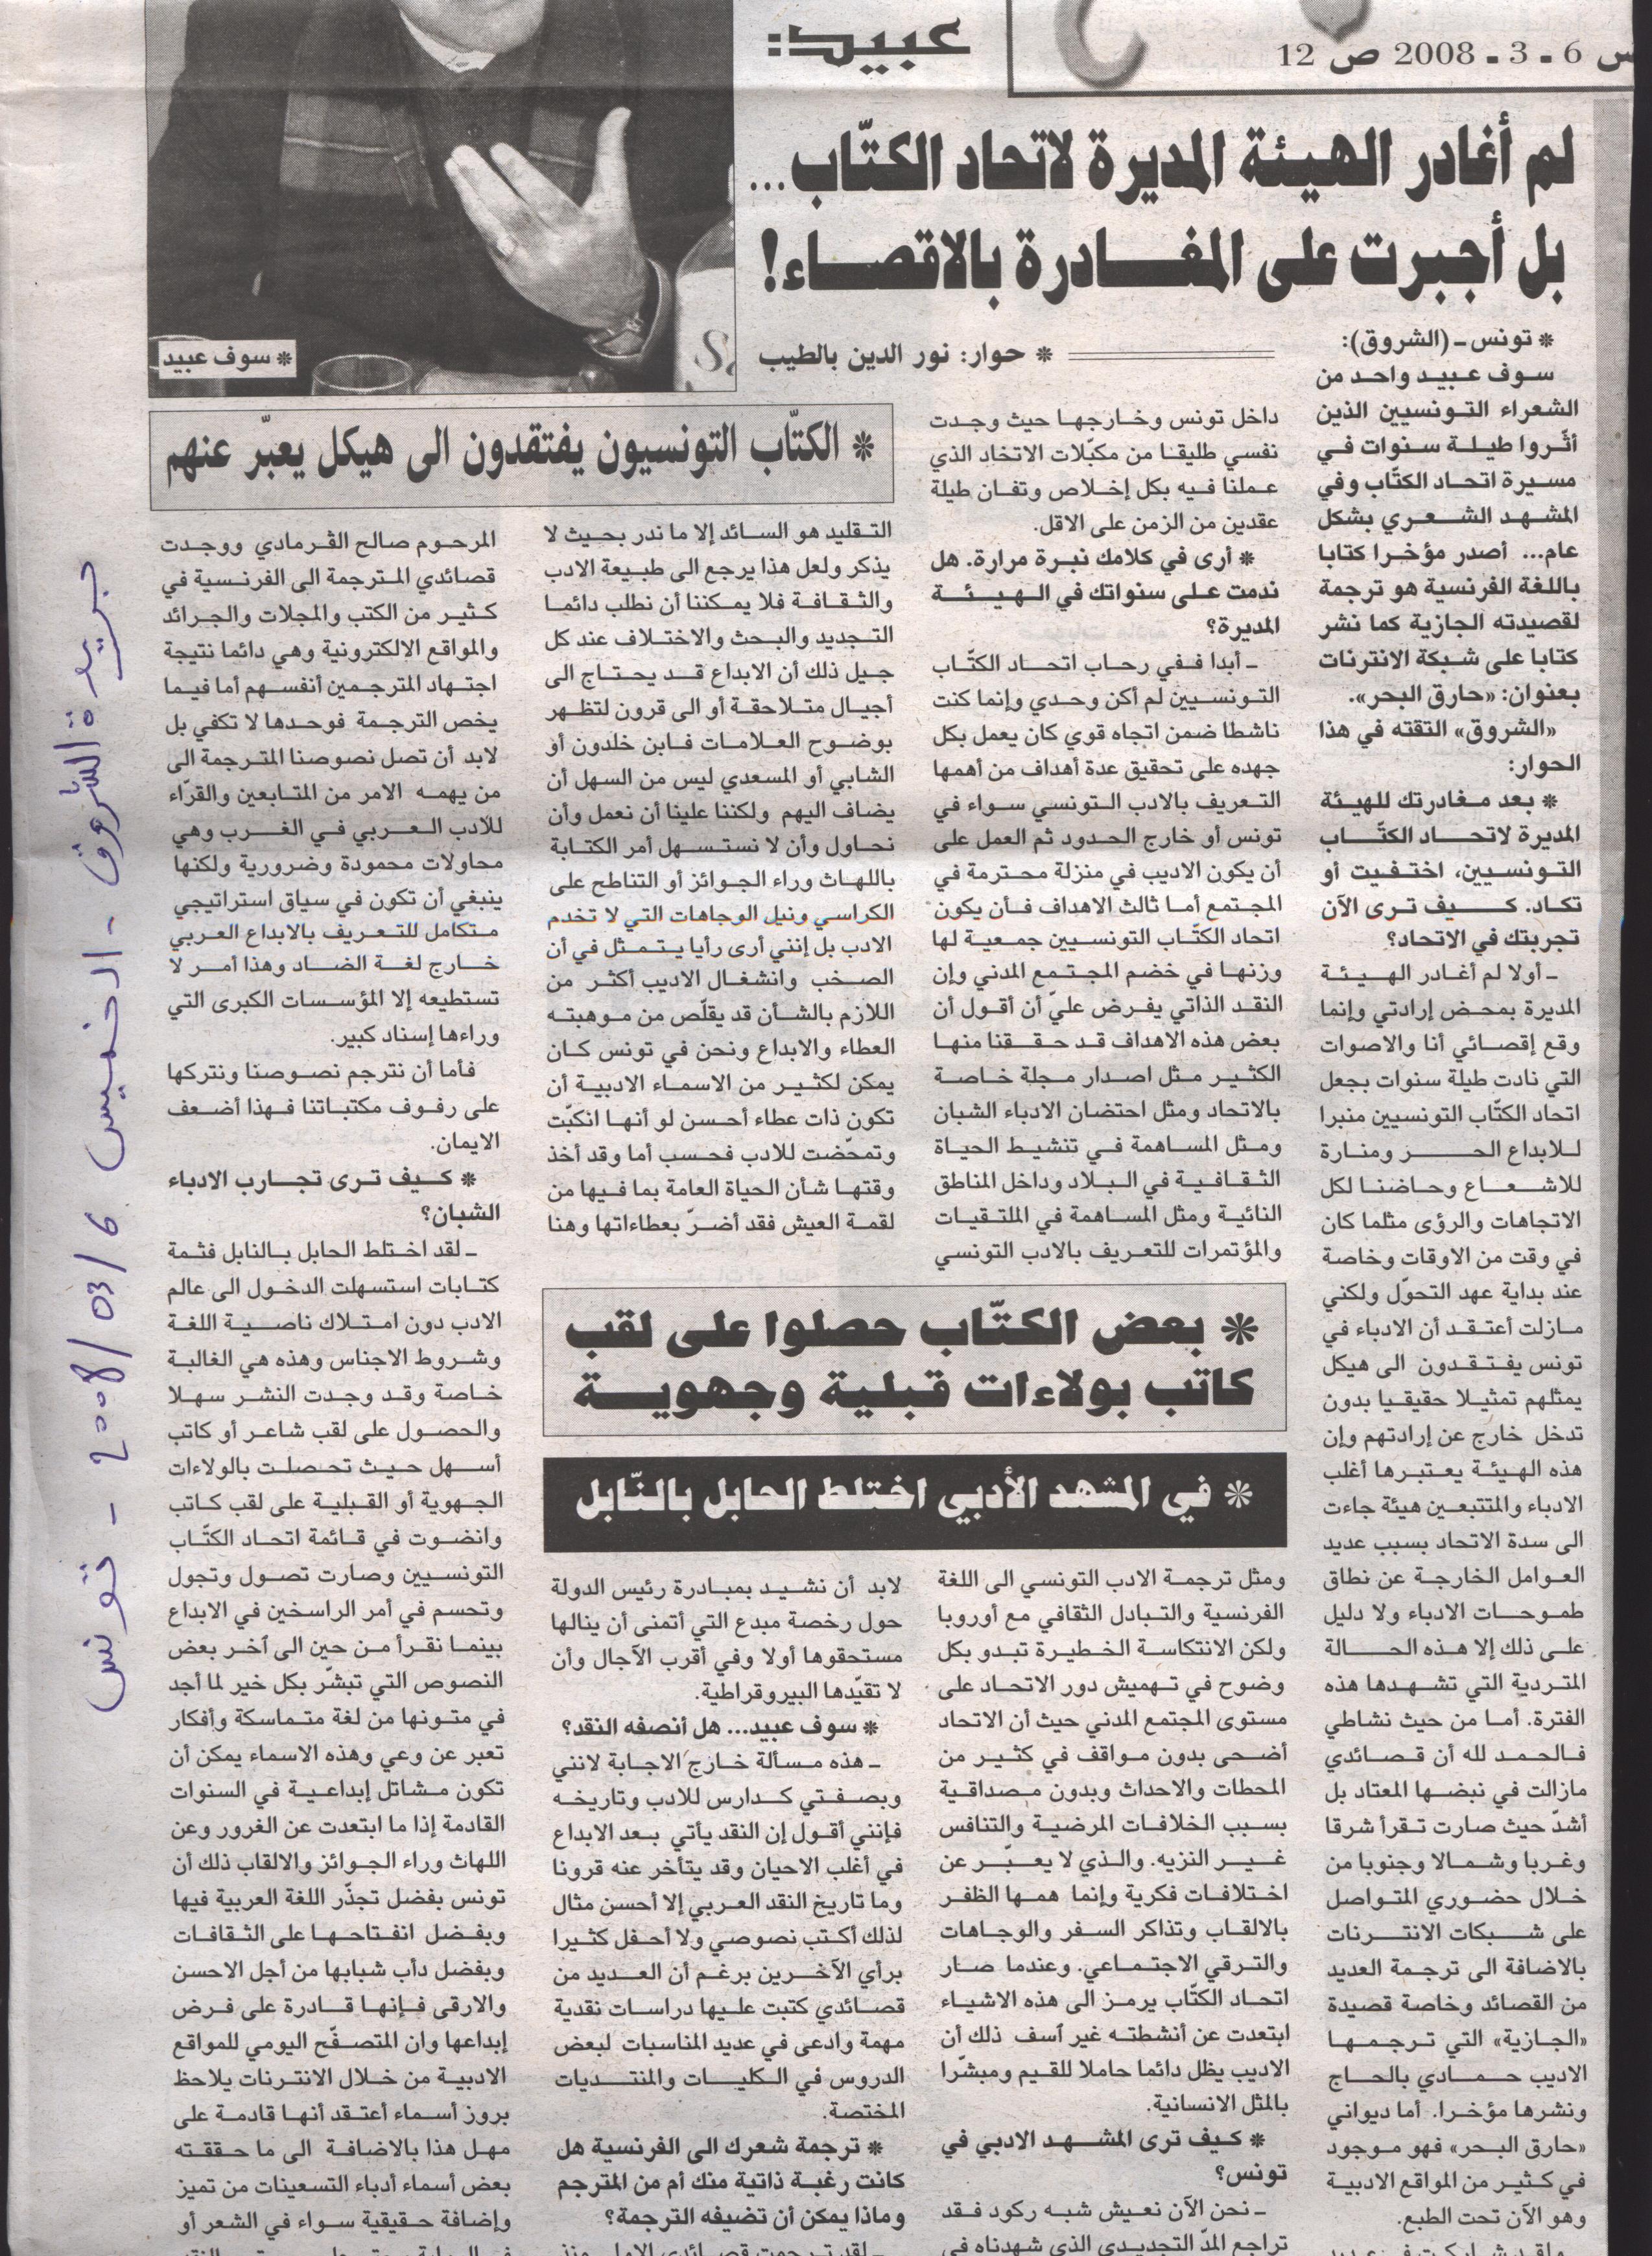 حول اتحاد الكتّاب التونسيين